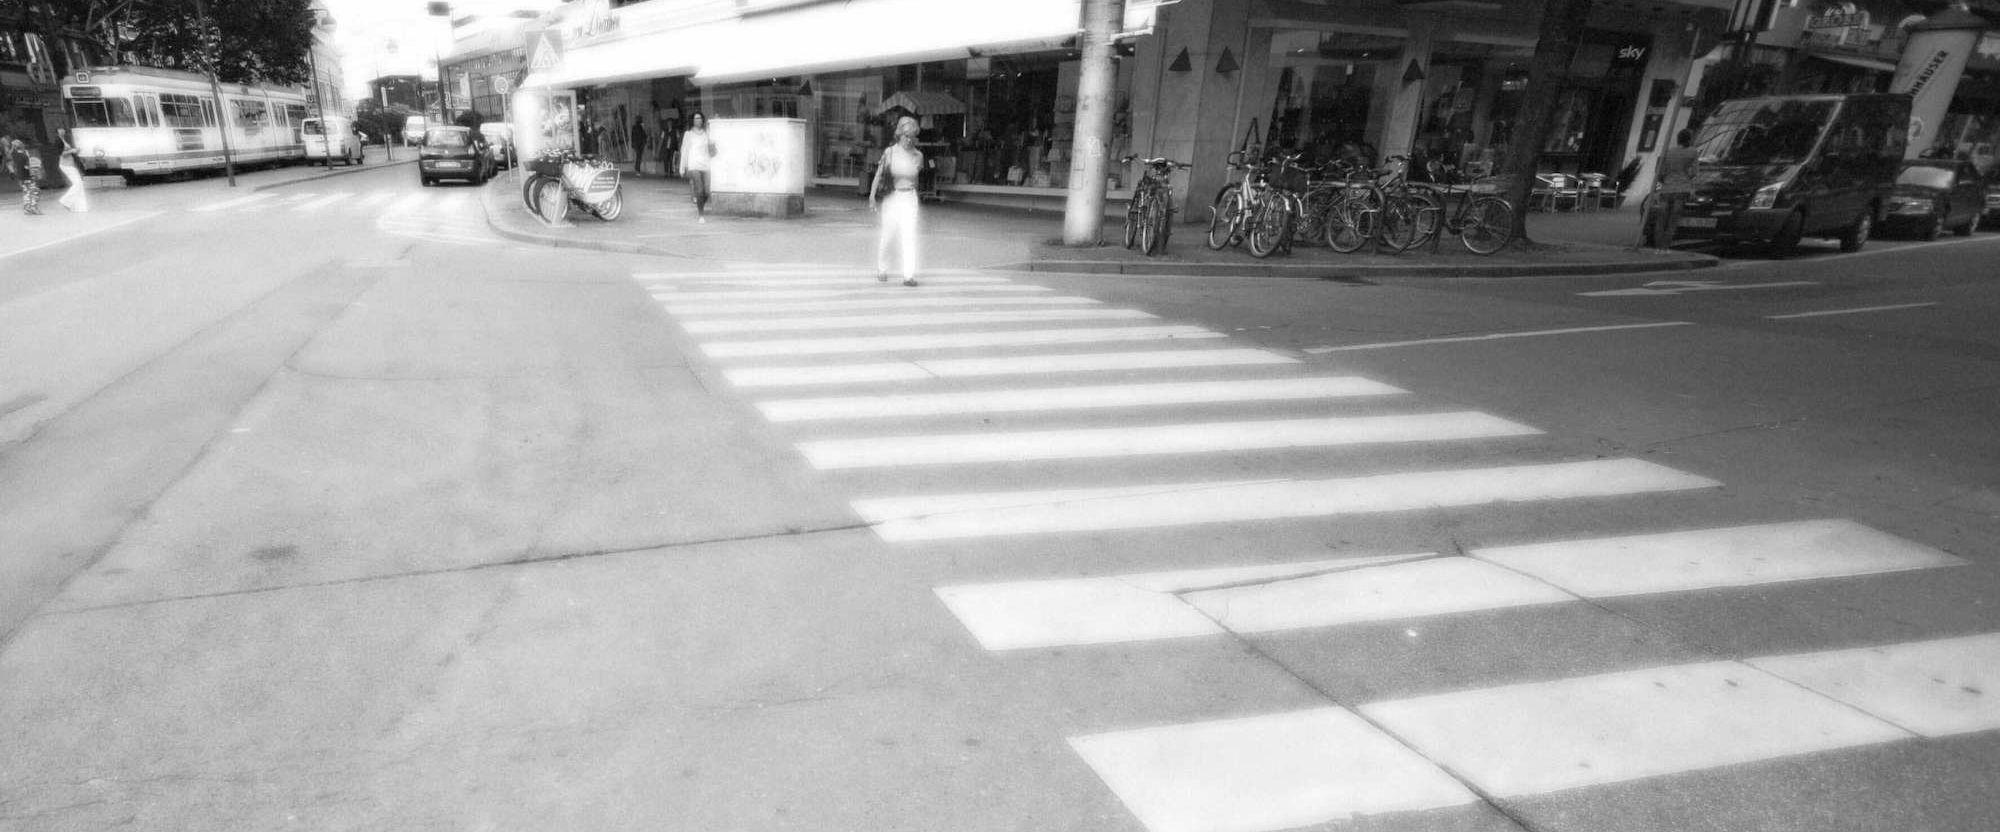 Eine verschwommen dargestellte Frau geht über einen Zebrastreifen.